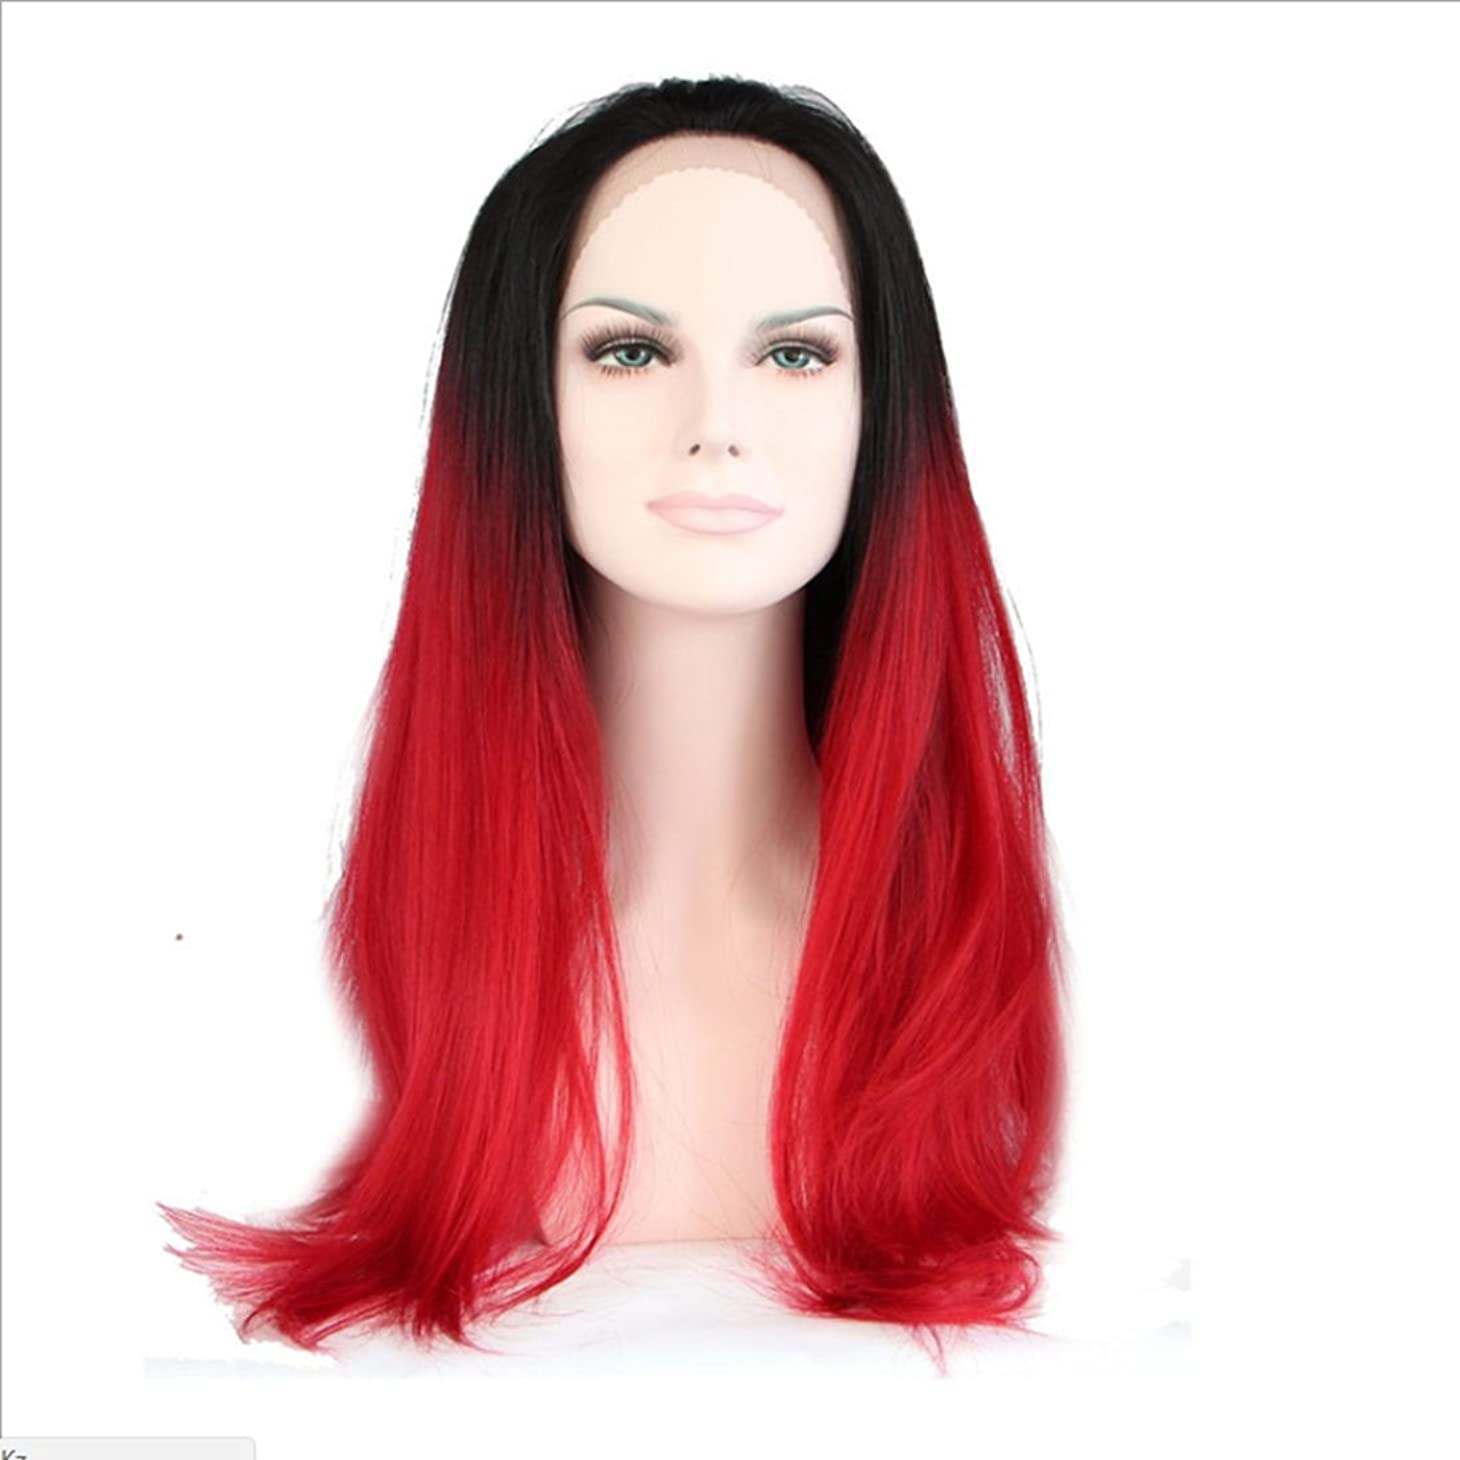 ピニオンヘルシー石油Doyvanntgo 女性用高温シルク合成ウィッグレースフロントロングストレートヘアレングスヘア耐熱ウィッグ(シルバーホワイトグラデーションブラック、ブラックグラデーションビッグレッド) (Color : Black gradient big red)